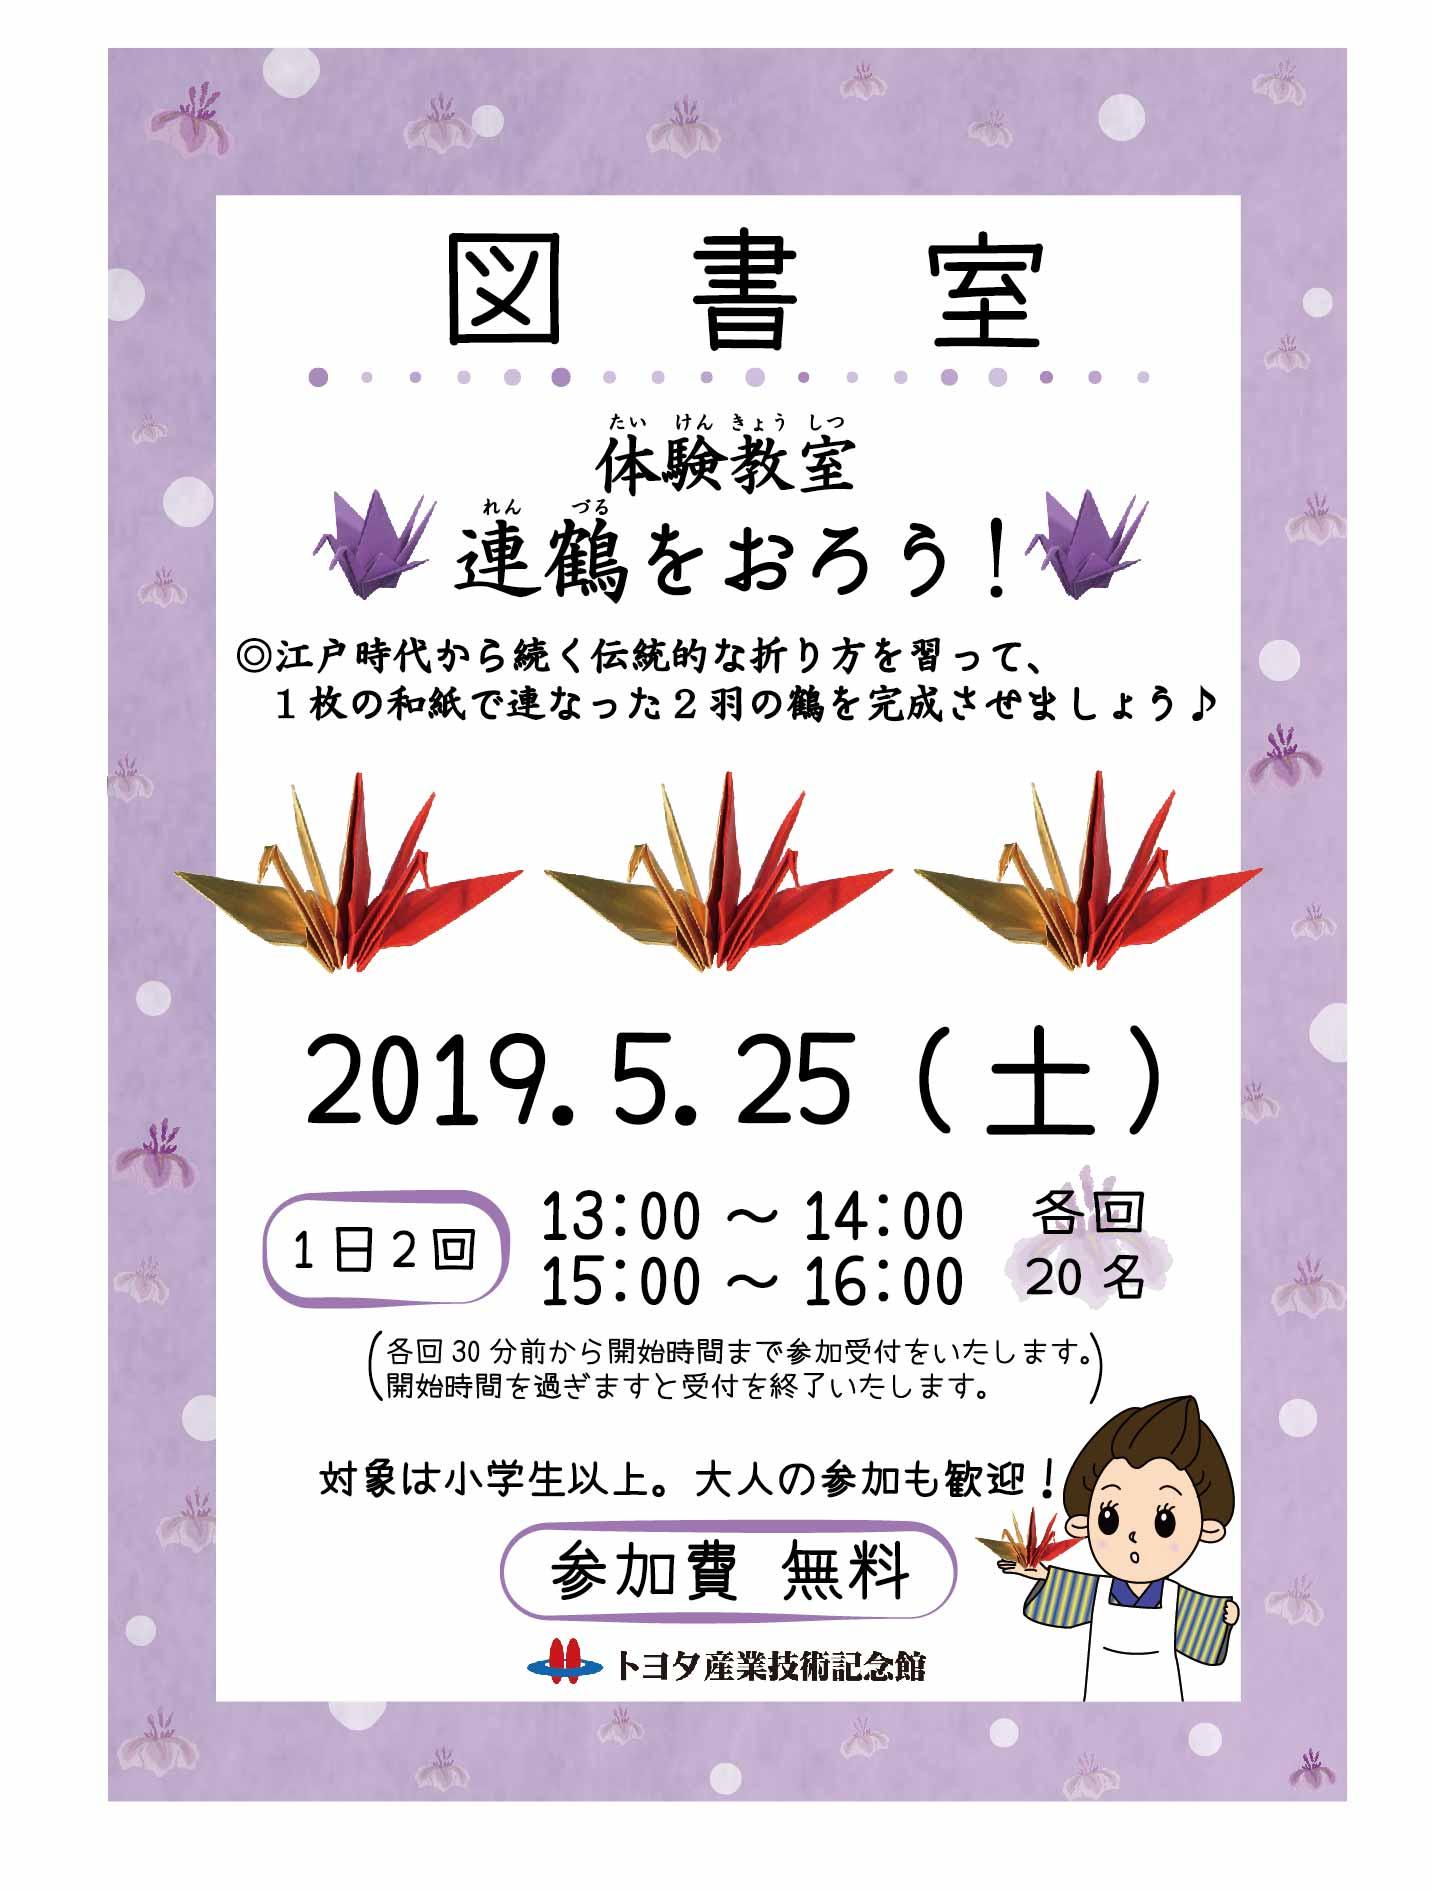 【CS5】190525_連鶴をおろう!ポスター